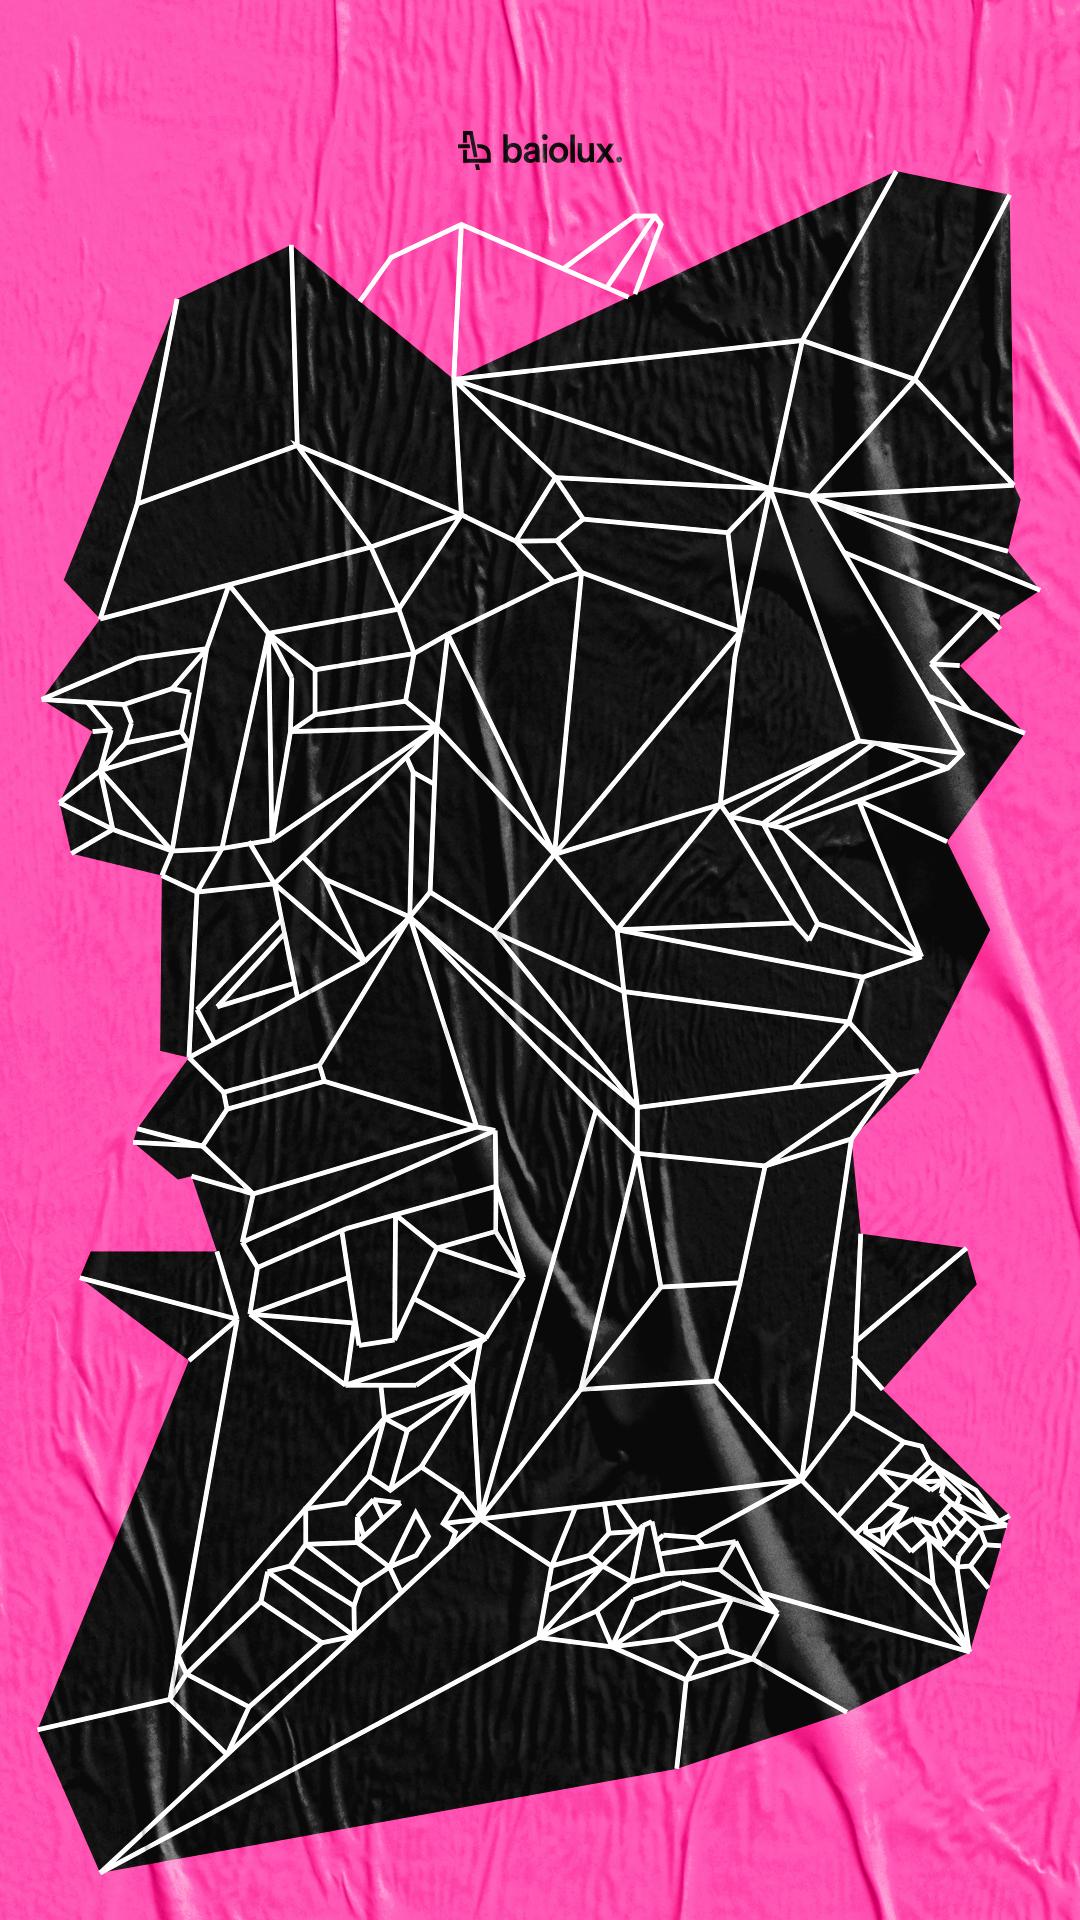 NOFICCION_posters-oficiales_ig-story_004